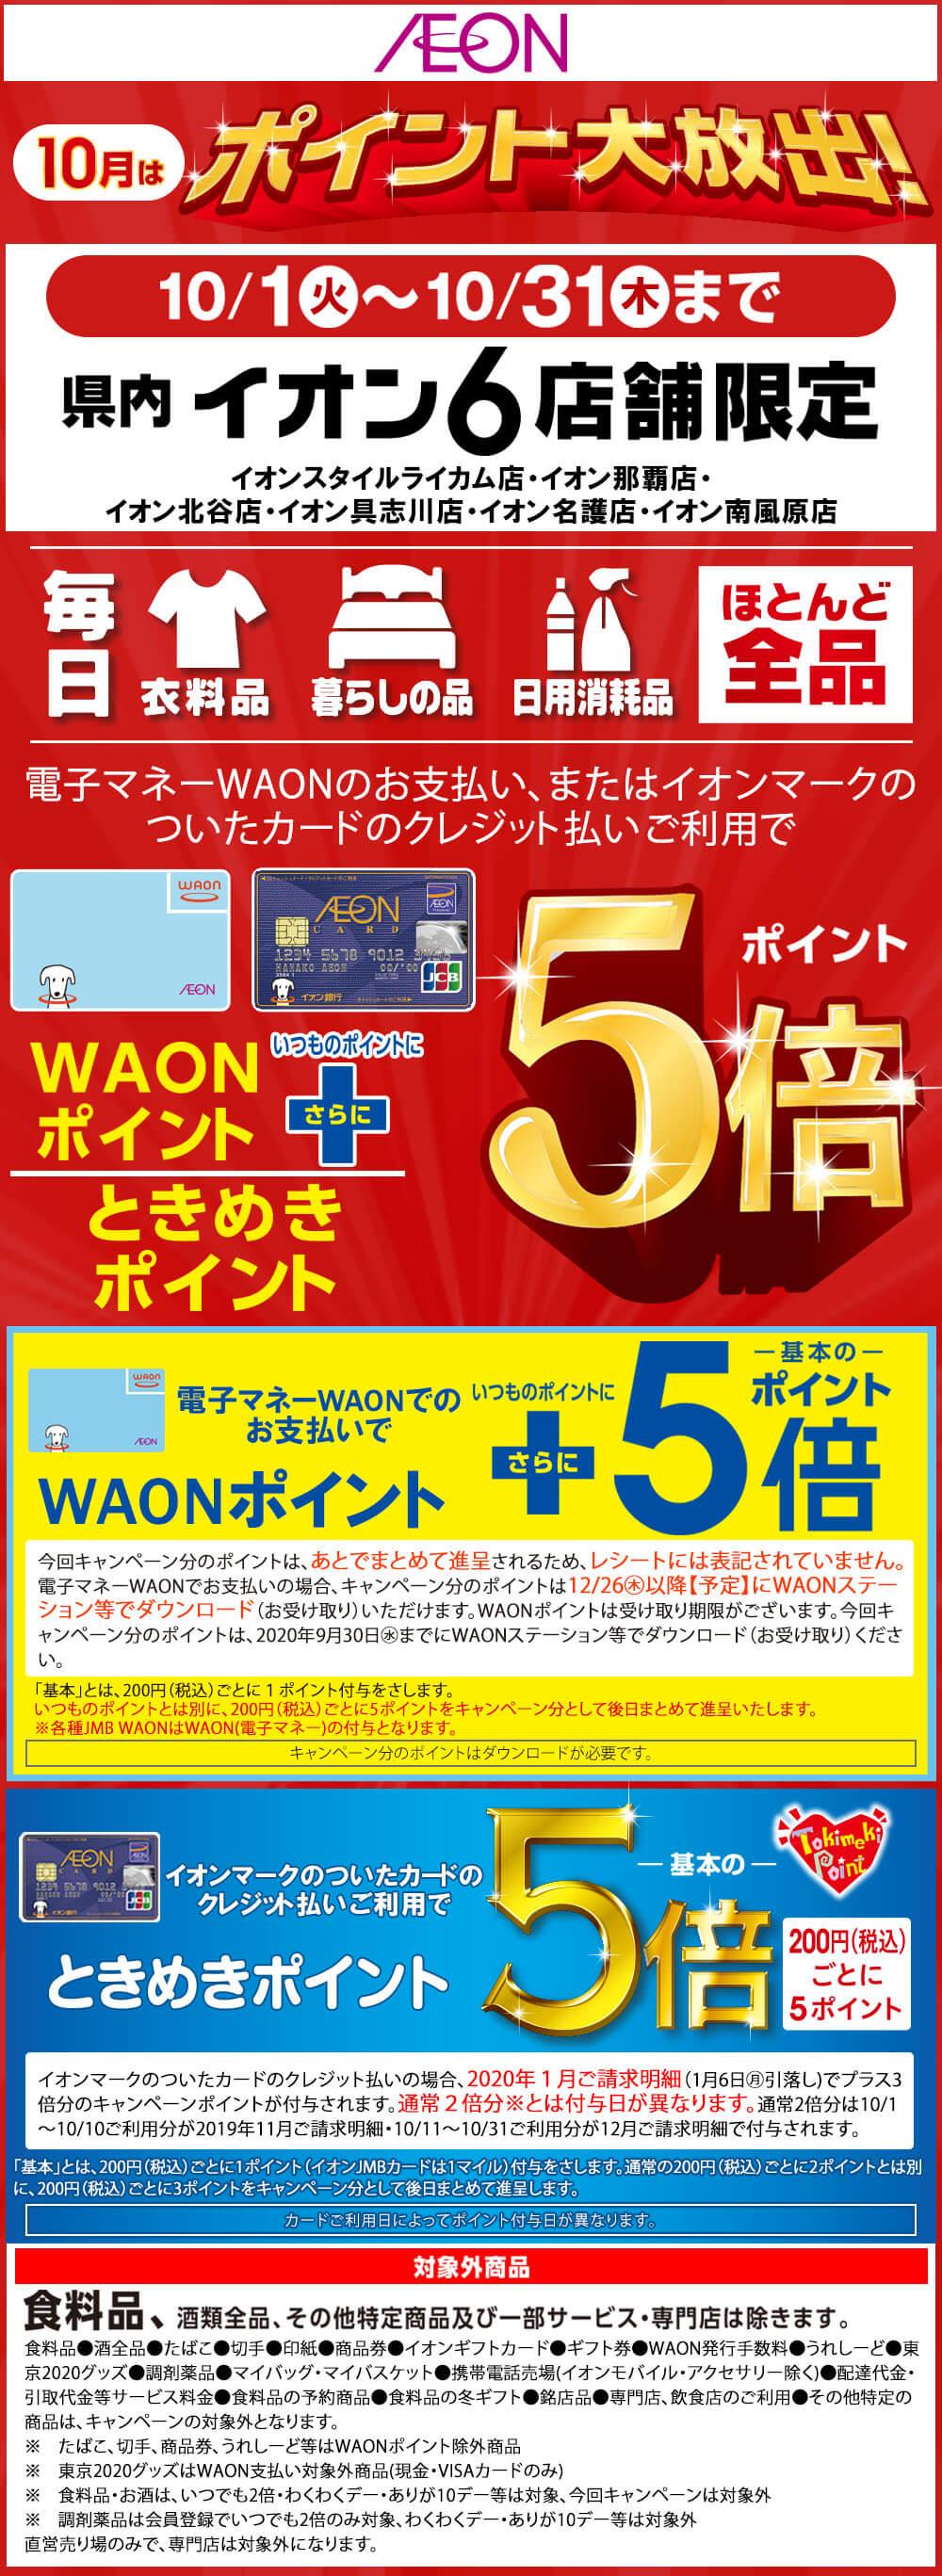 waon5bai2_1001